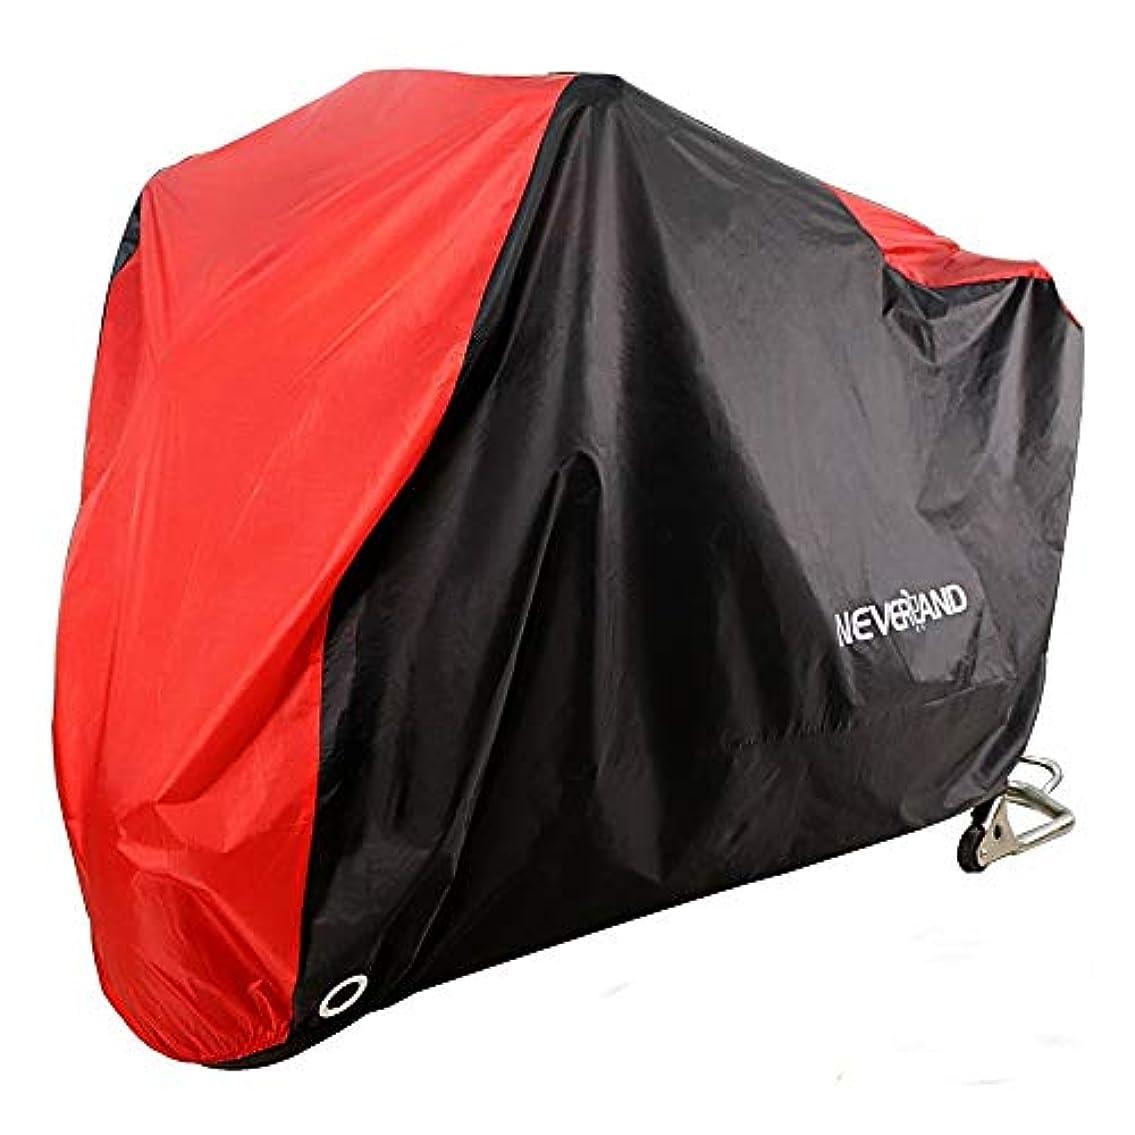 剛性難破船一致するUSPANDI 190T黒赤防水オートバイのカバーモーターズスクーターダスト雨雪UVプロテクターカバー屋内屋外 (Size : XL 245x105x125cm)